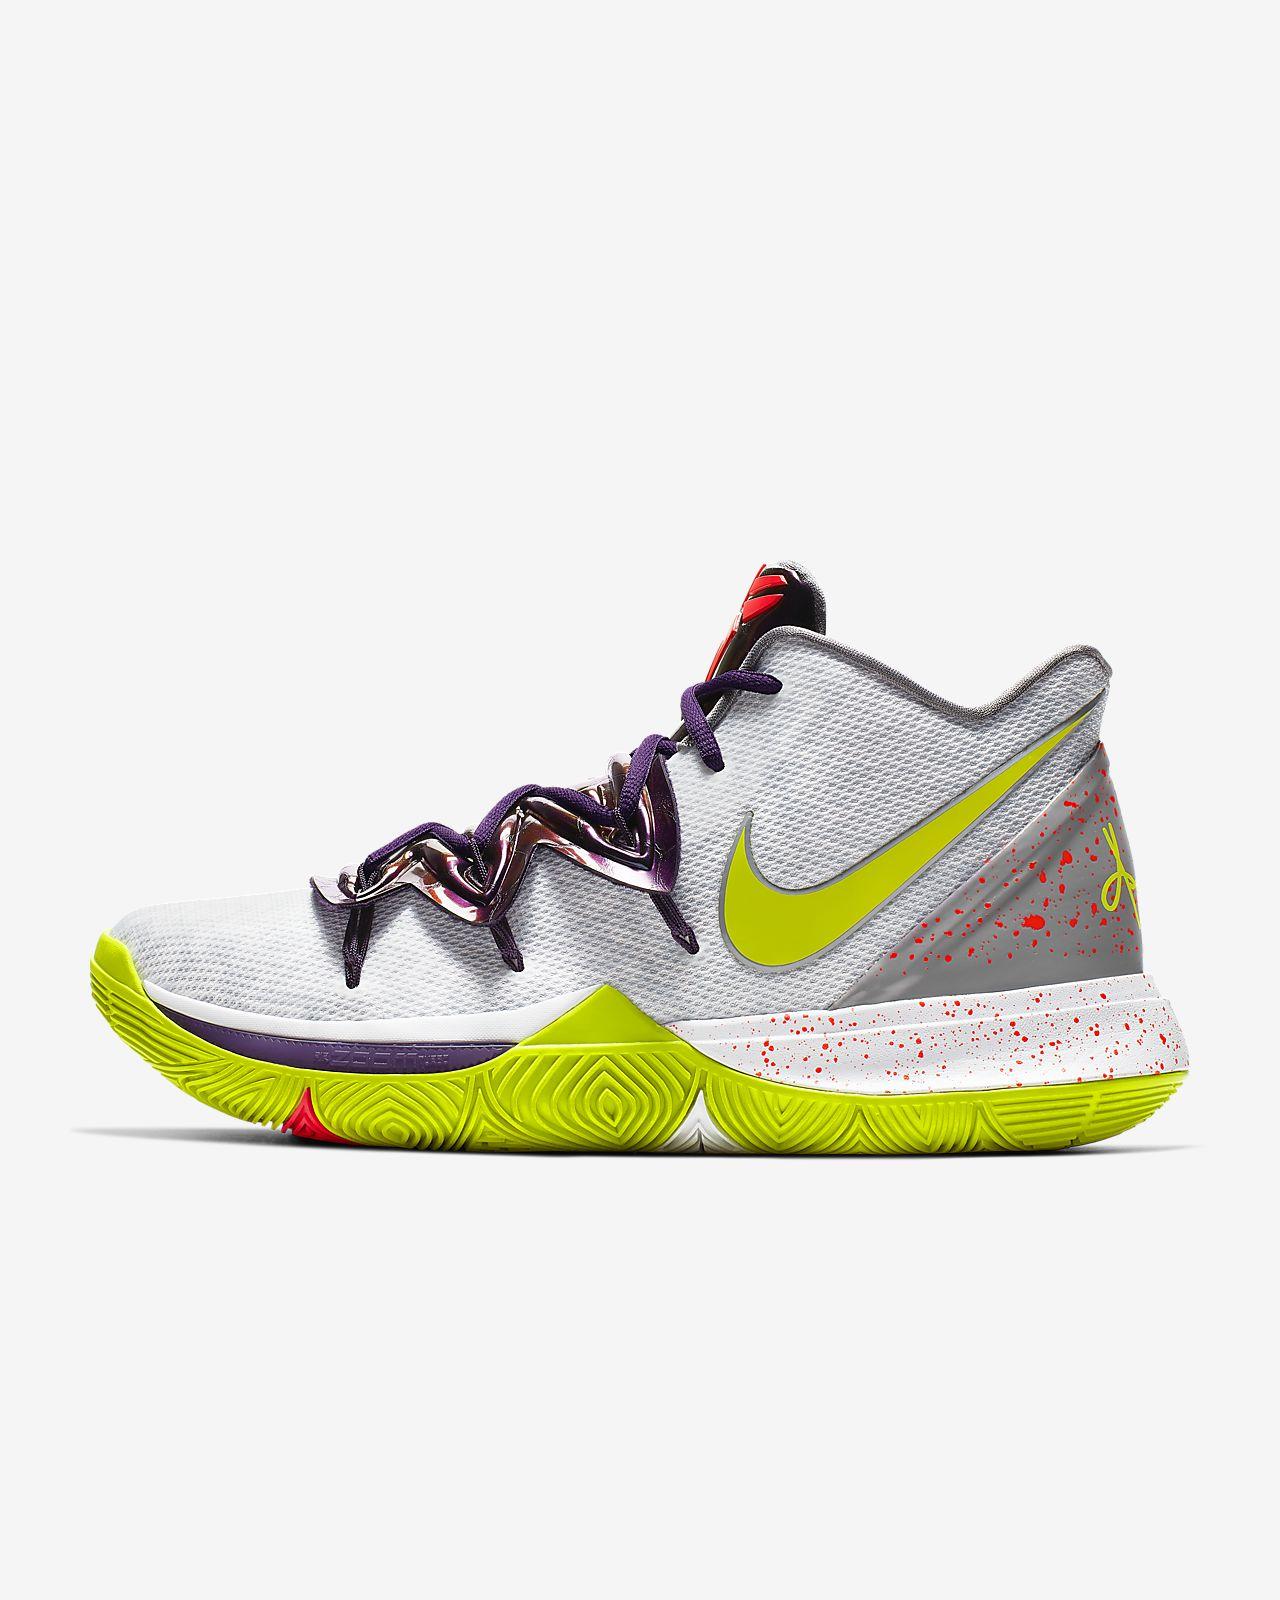 Παπούτσι μπάσκετ Kyrie 5